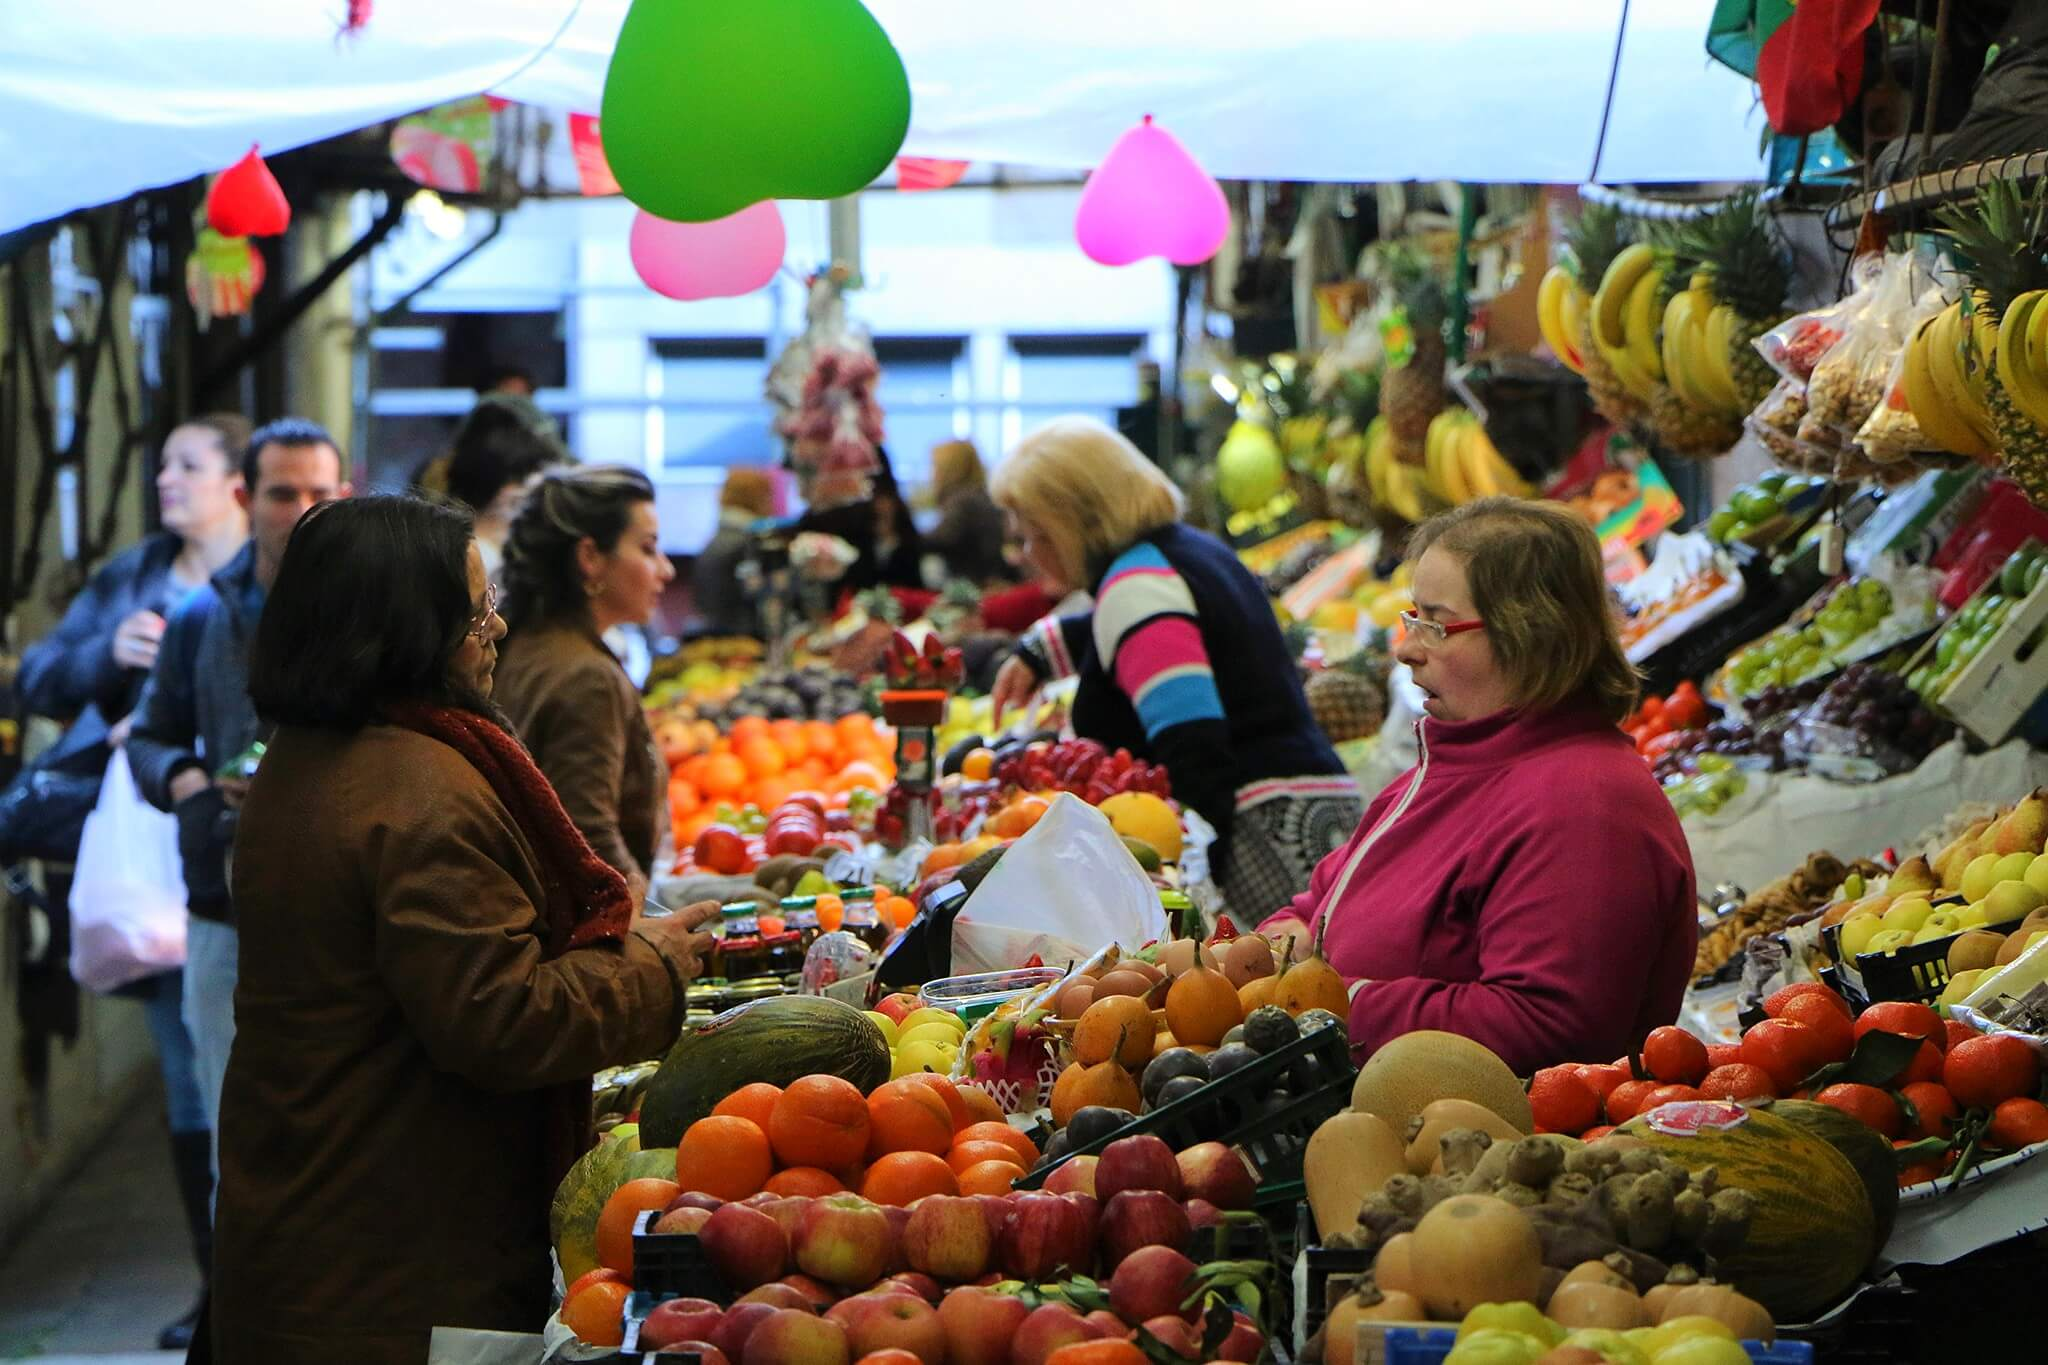 Déambuler dans le marché de Bolhão est certainement la meilleure chose à faire à Porto, pour rencontrer d'authentiques Portuenses.